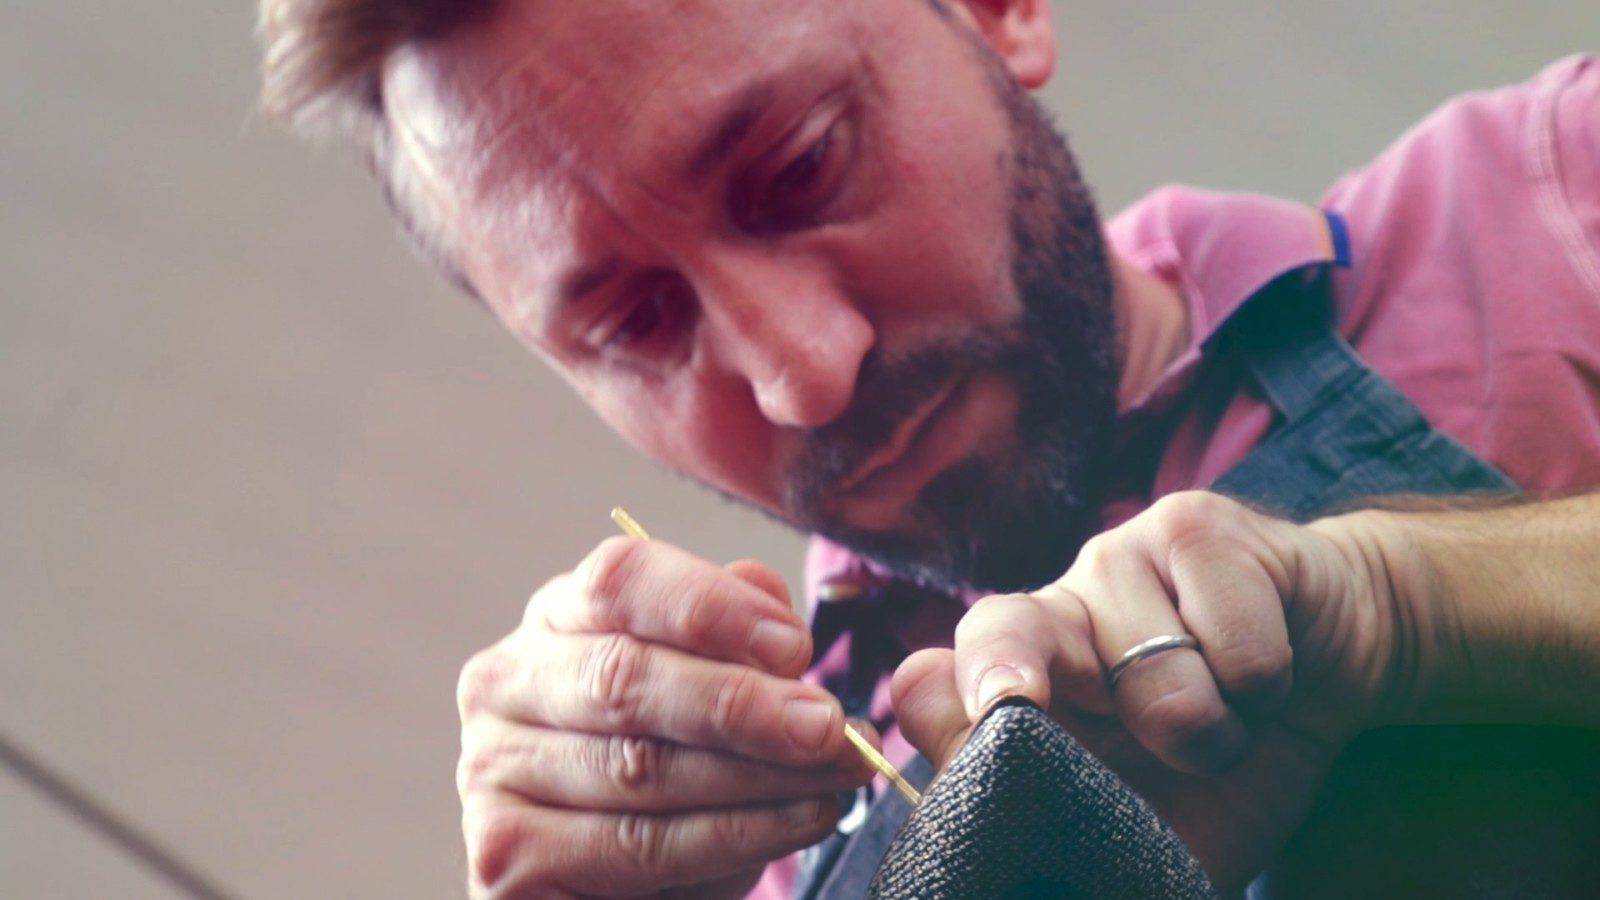 new arrival dfcb0 6b341 Riccardo Banfi Calzature, eccellenza calzaturiera di ...